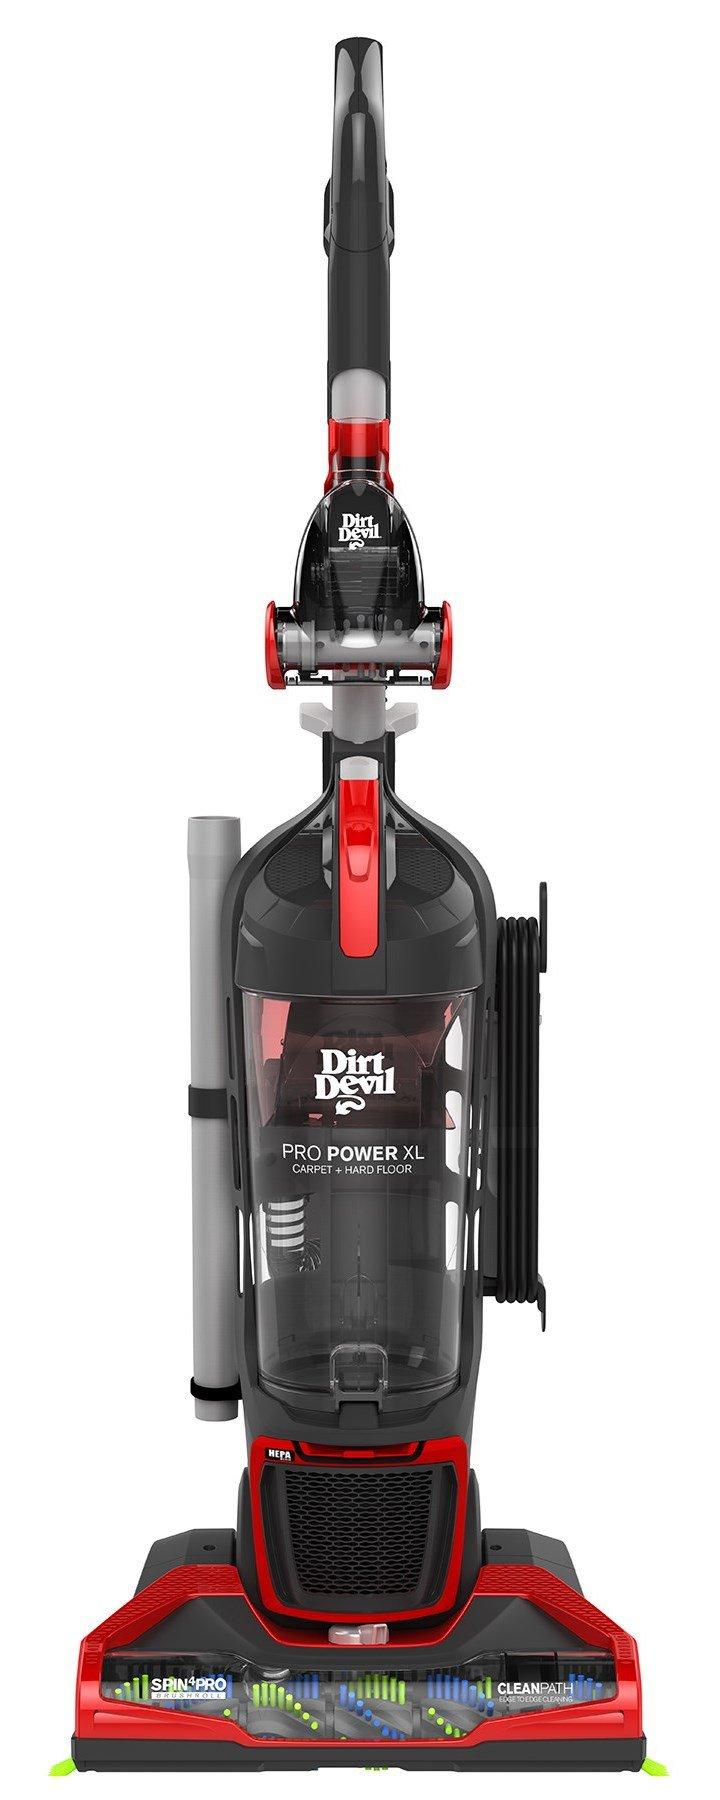 Dirt Devil UD70180 Pro Power XL Bagless Upright Vacuum